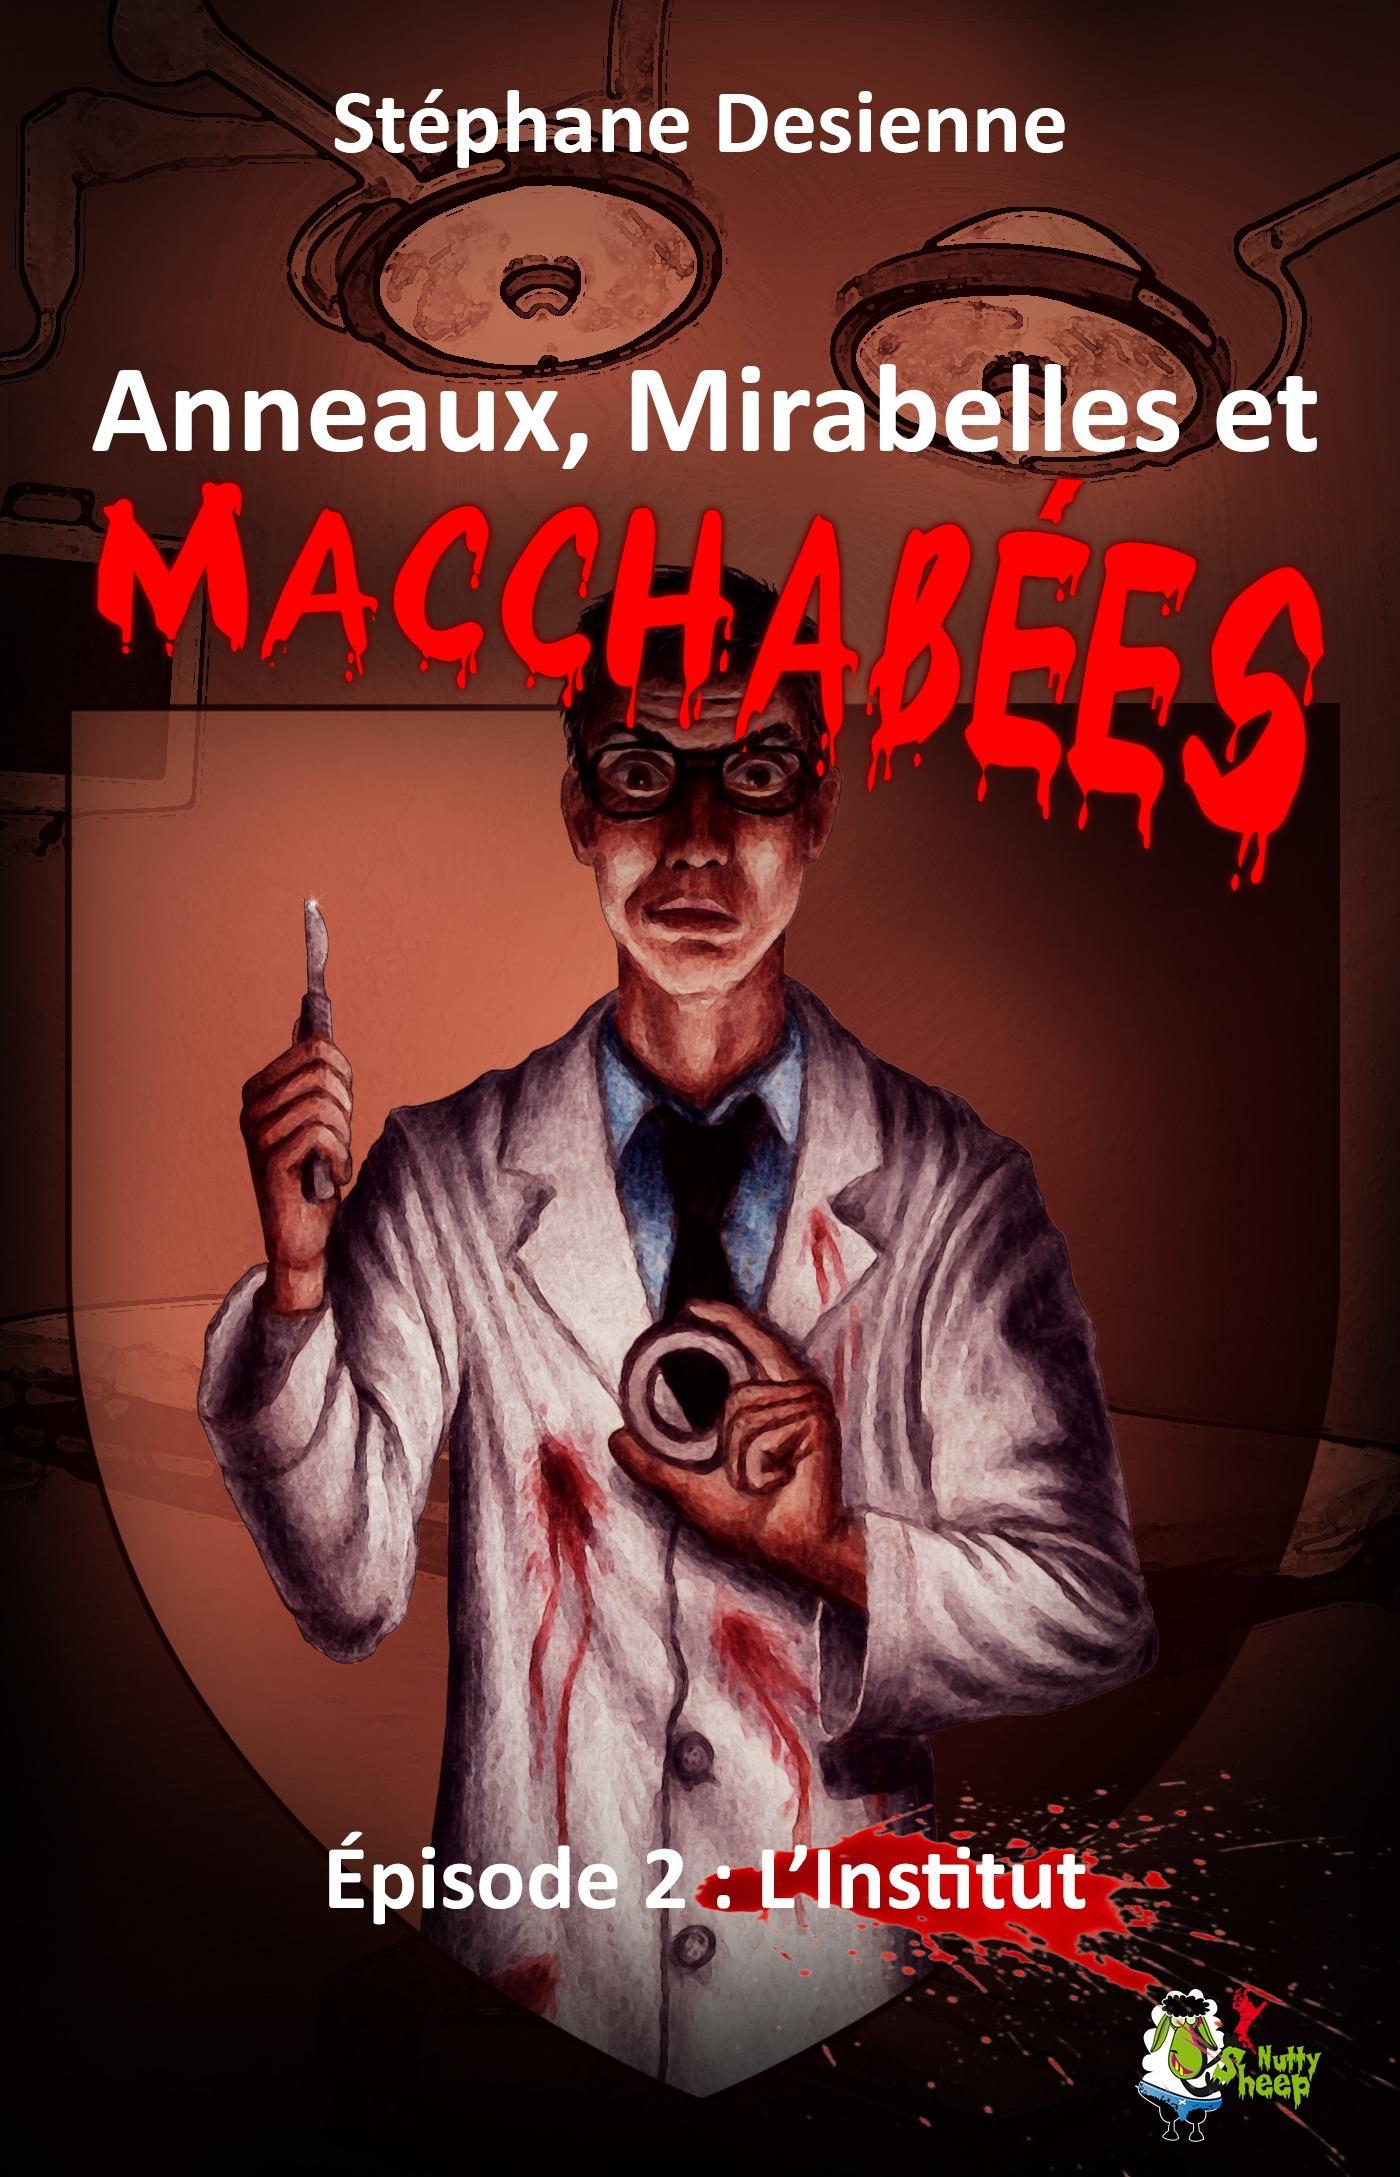 Anneaux, mirabelles et macchabées : Épisode 2